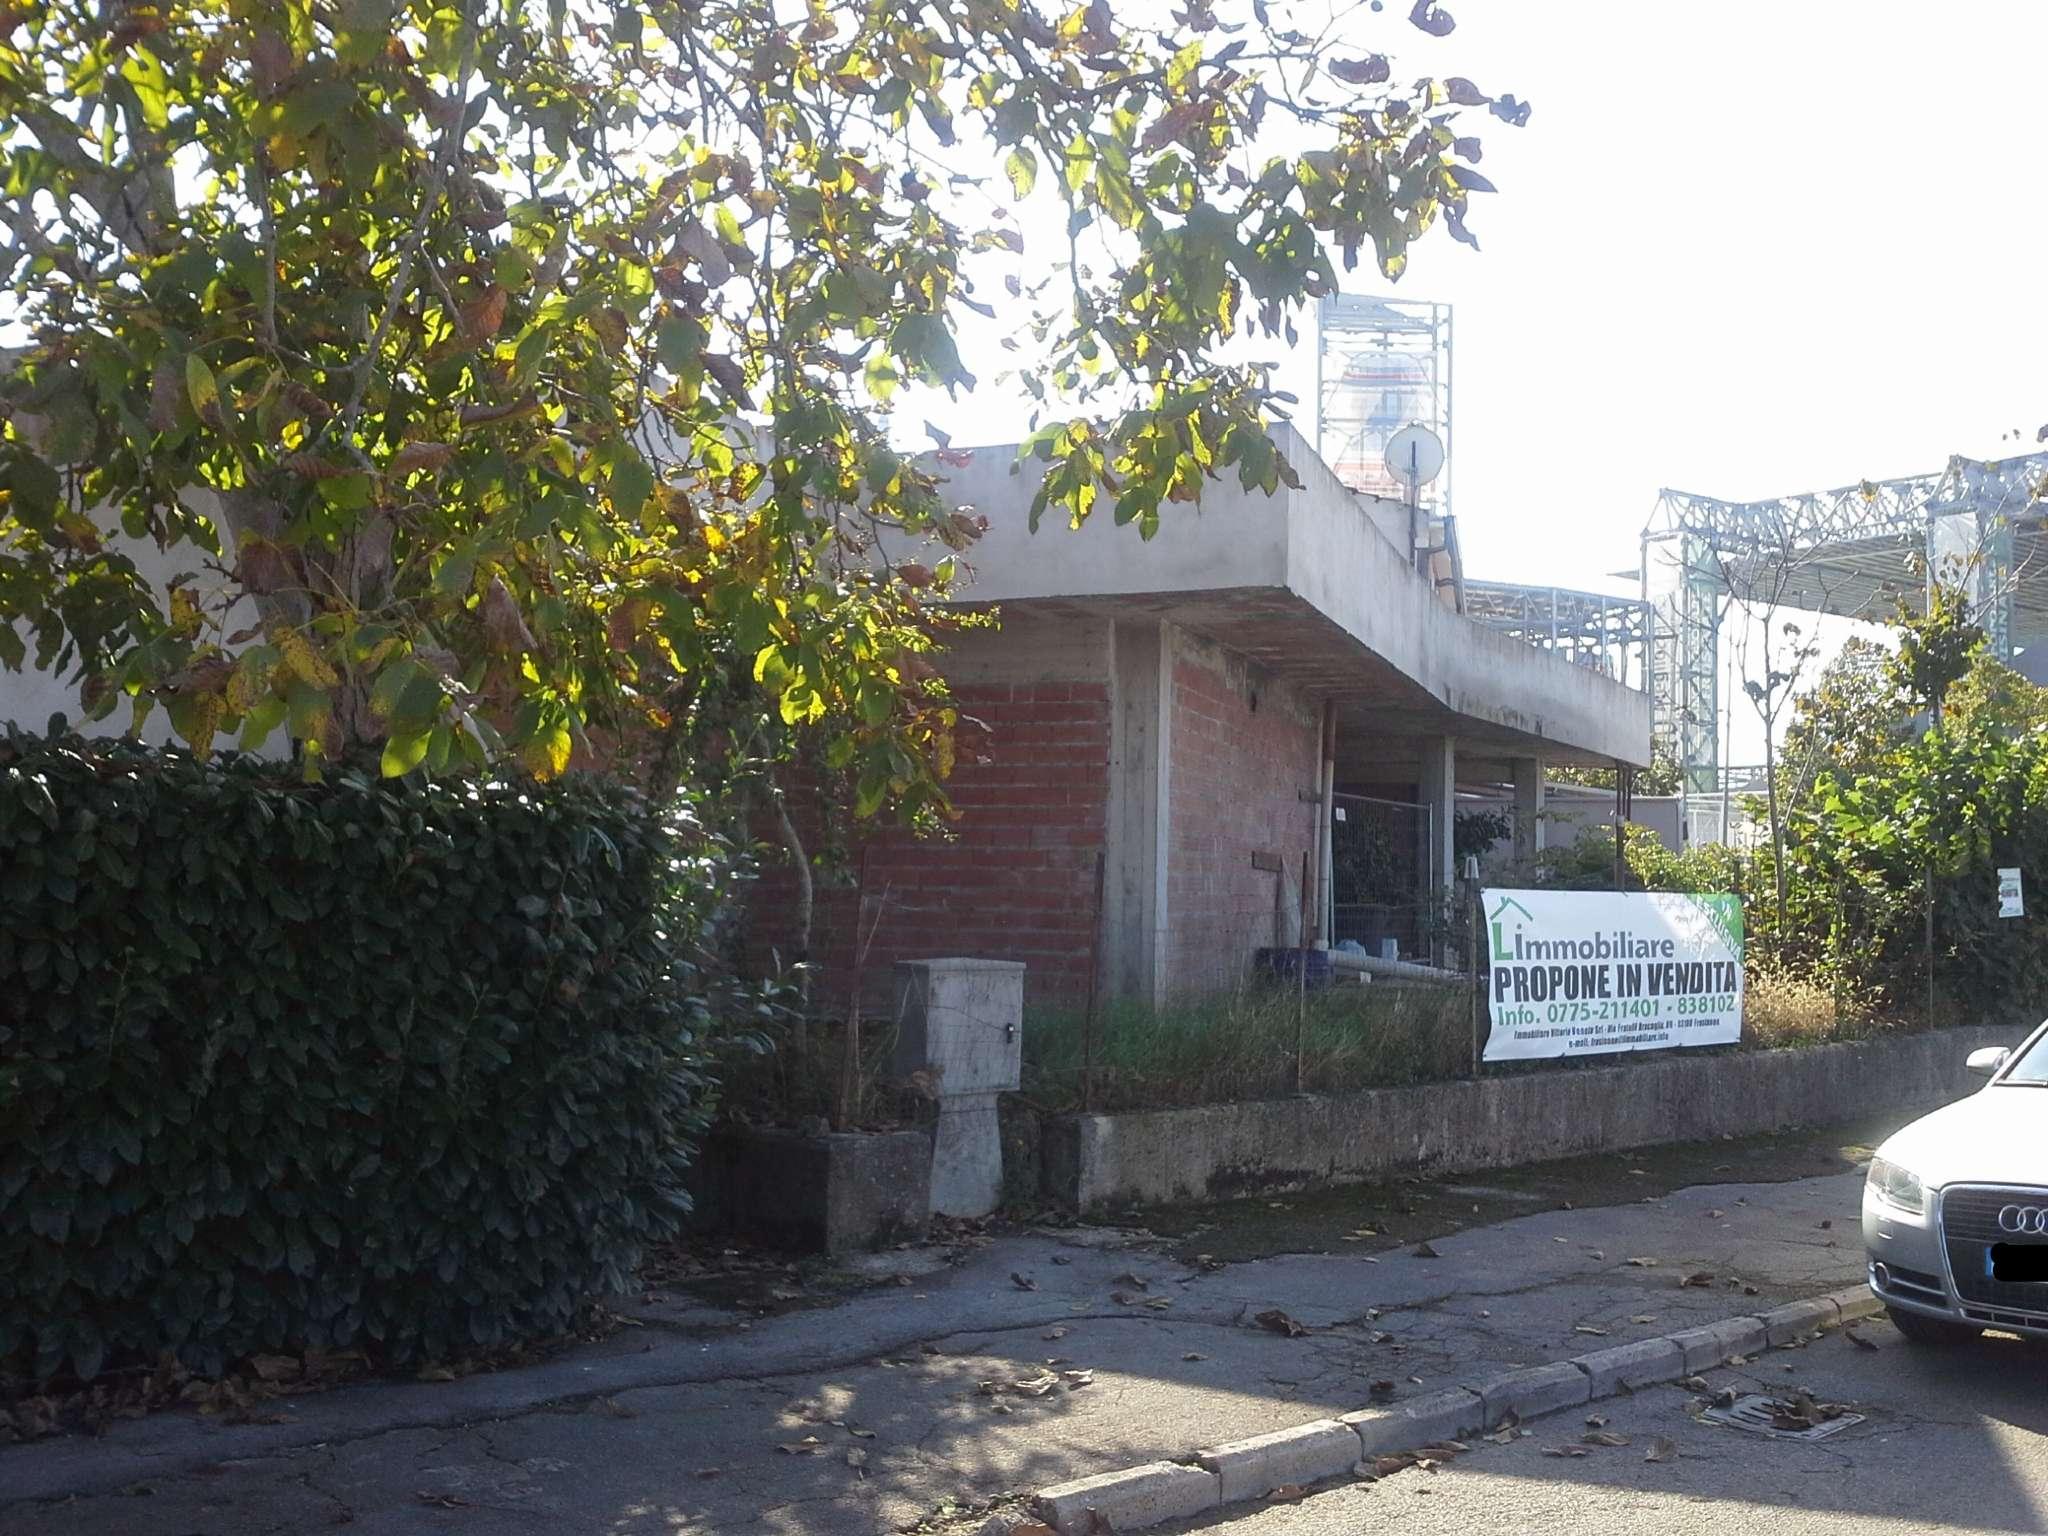 Immobile Commerciale in vendita a Frosinone, 9999 locali, prezzo € 160.000 | CambioCasa.it